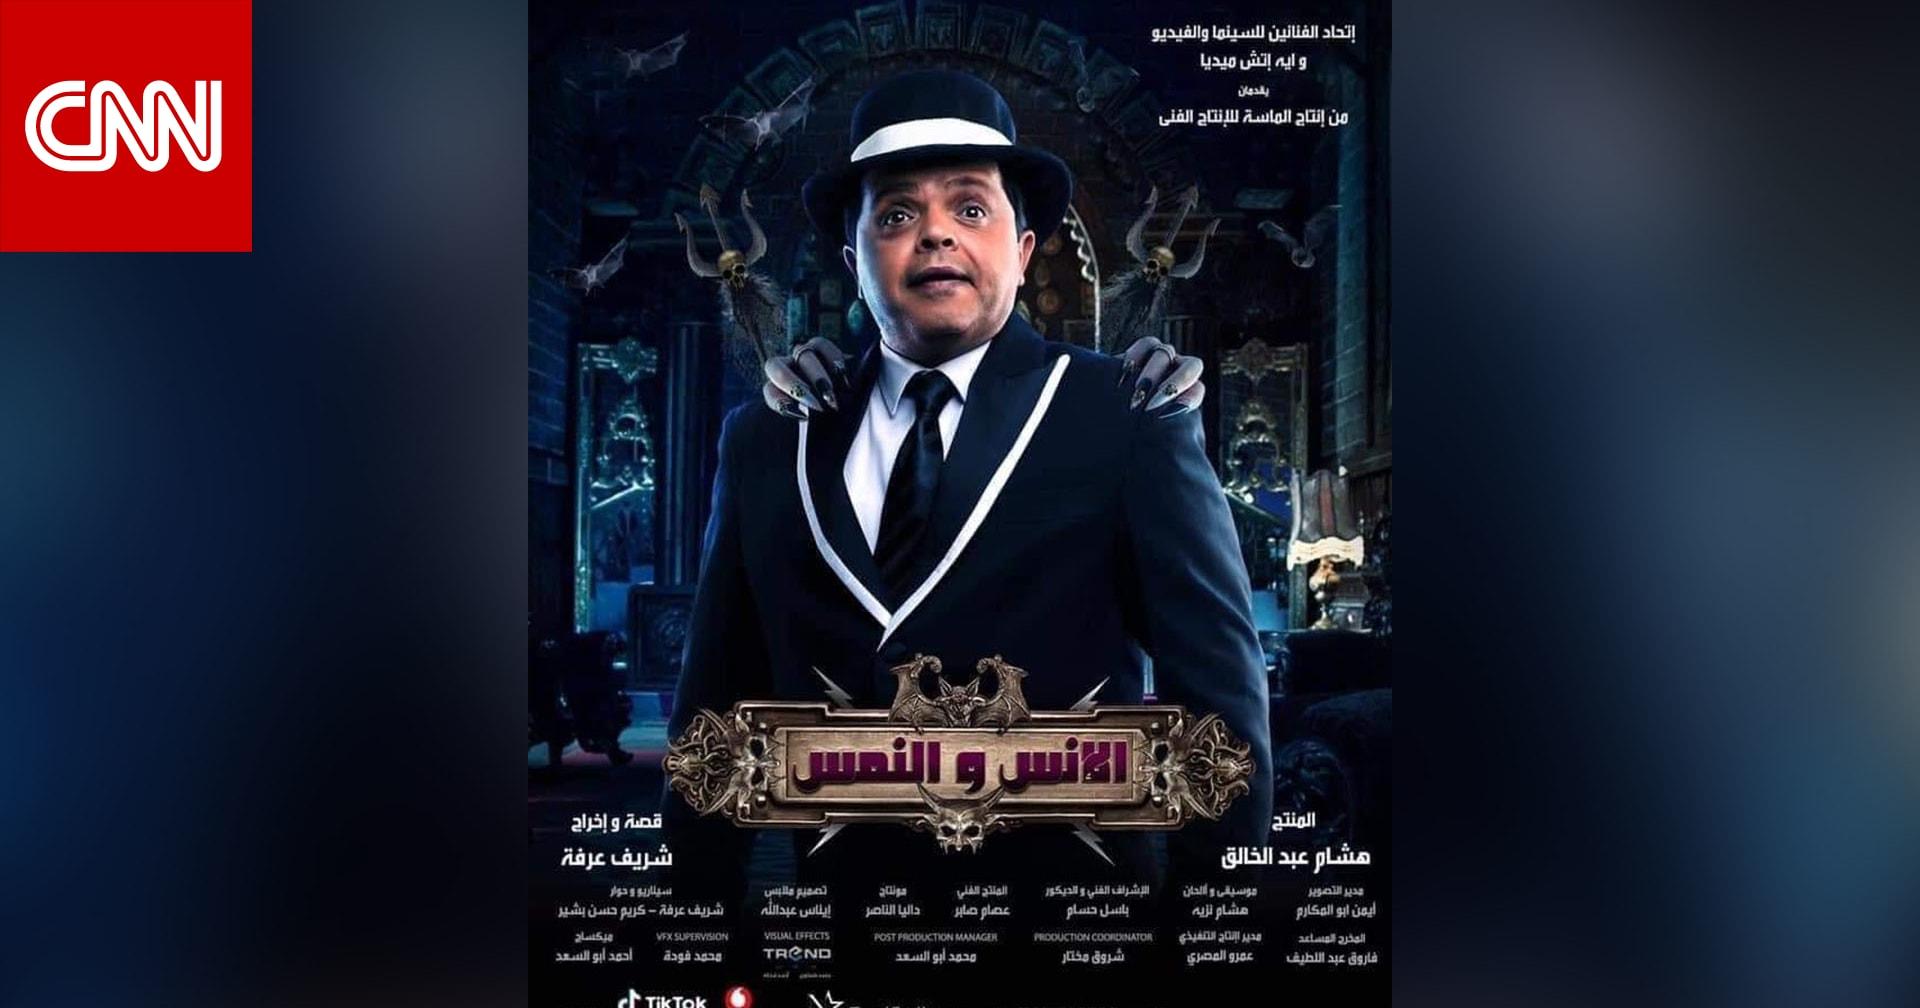 """""""الإنس والنمس"""" يعيد محمد هنيدي إلى صالات السينما في ذكرى عرض أشهر أفلامه"""